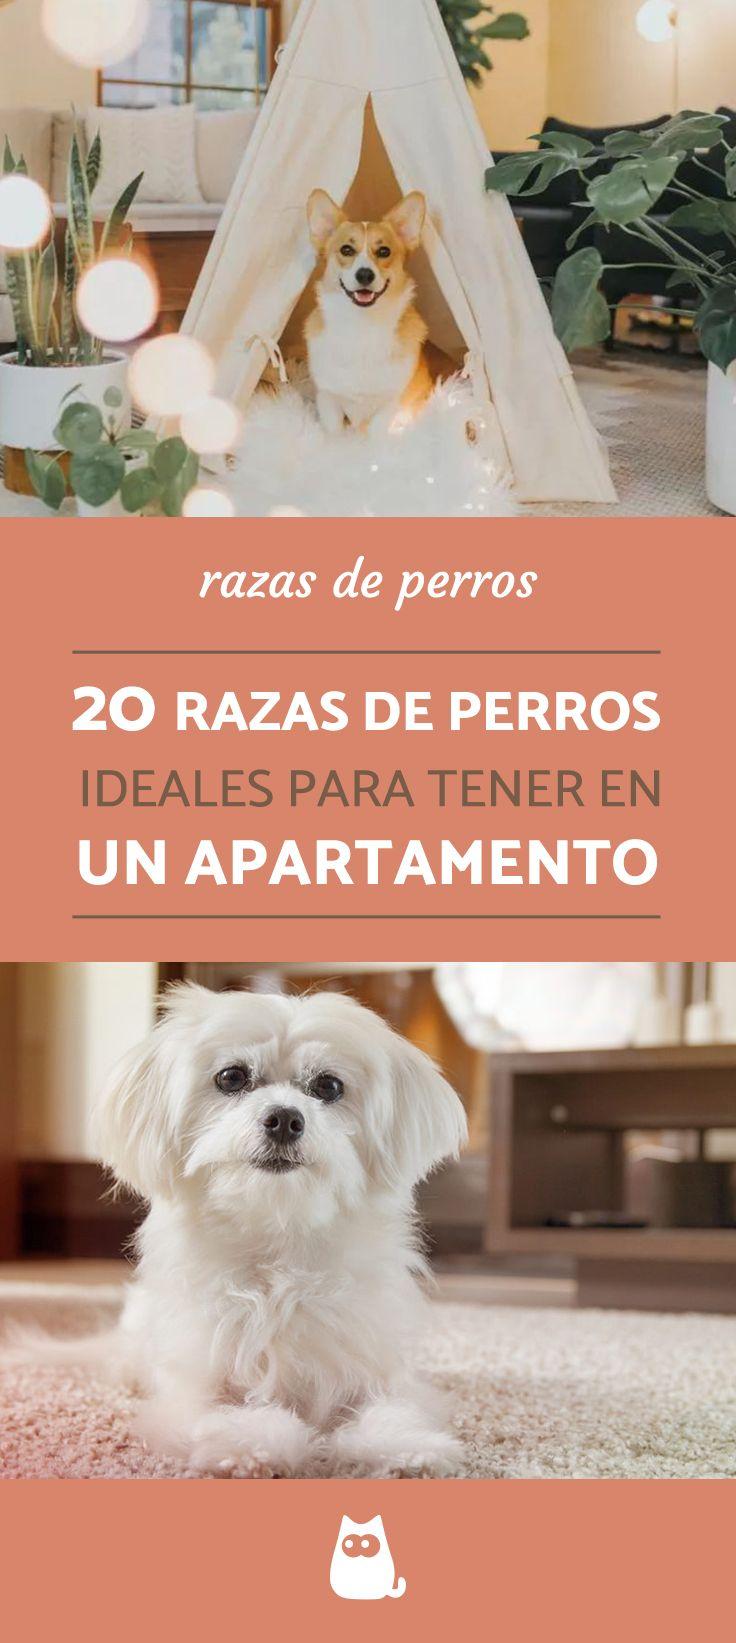 20 Razas De Perros Para Tener En Un Piso Con Nombres Y Fotos Razas De Perros Perros Tranquilos Razas De Perros Inteligentes